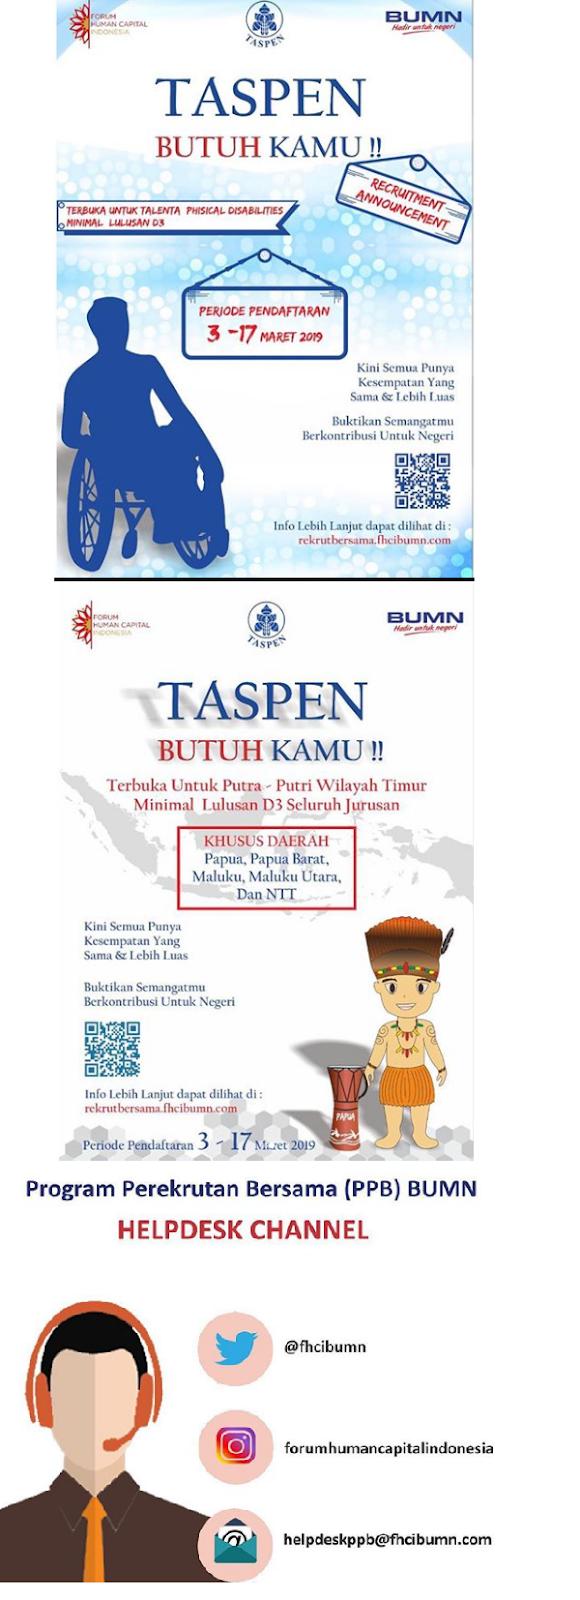 Lowongan PT TASPEN (PERSERO) Via Program Perekrutan Bersama BUMN